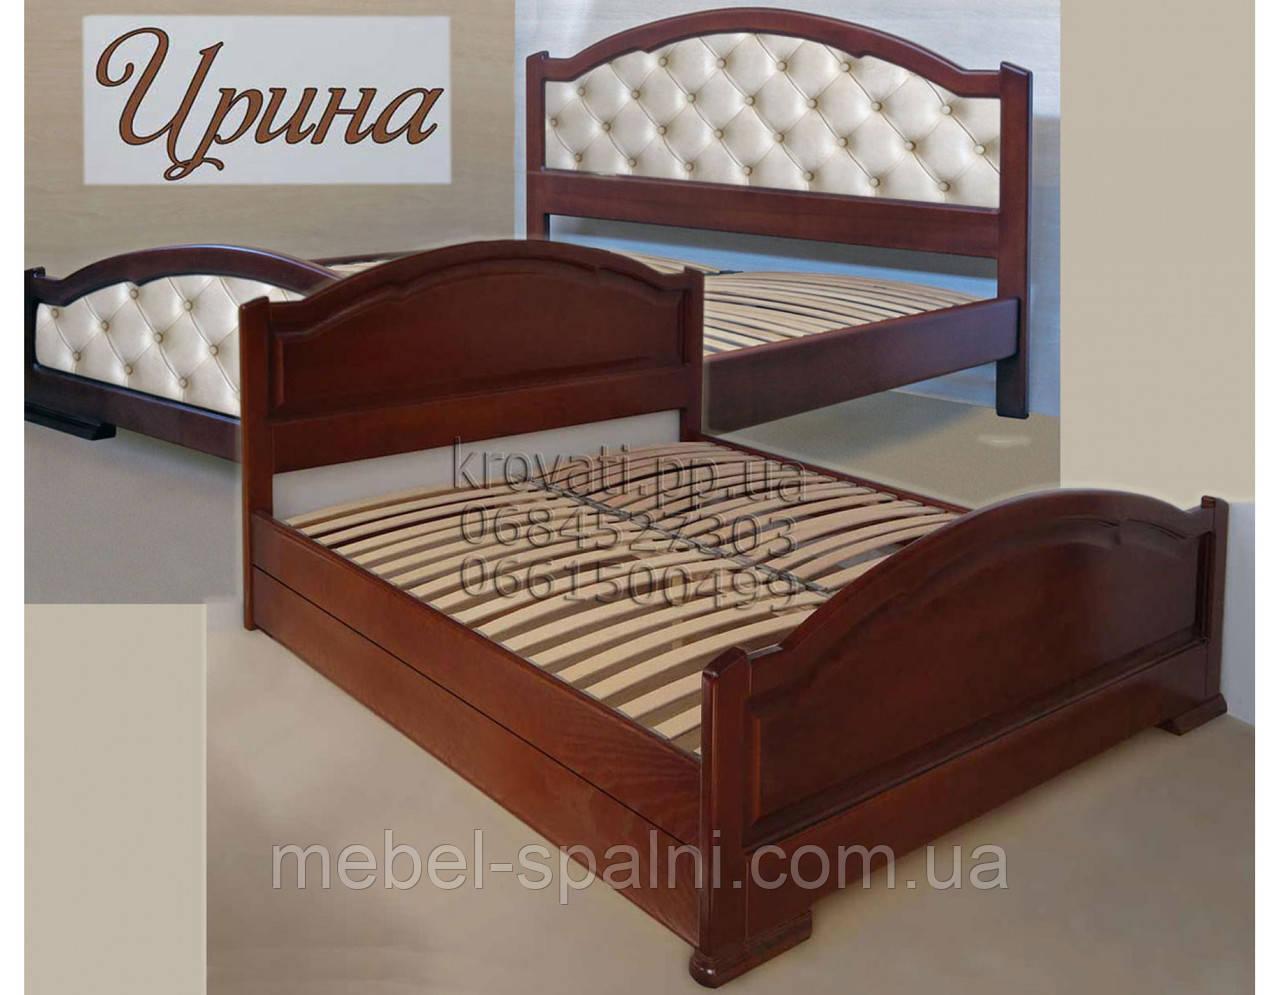 """Кровать  деревянная двуспальная """"Ирина"""" kr.ir6.1"""